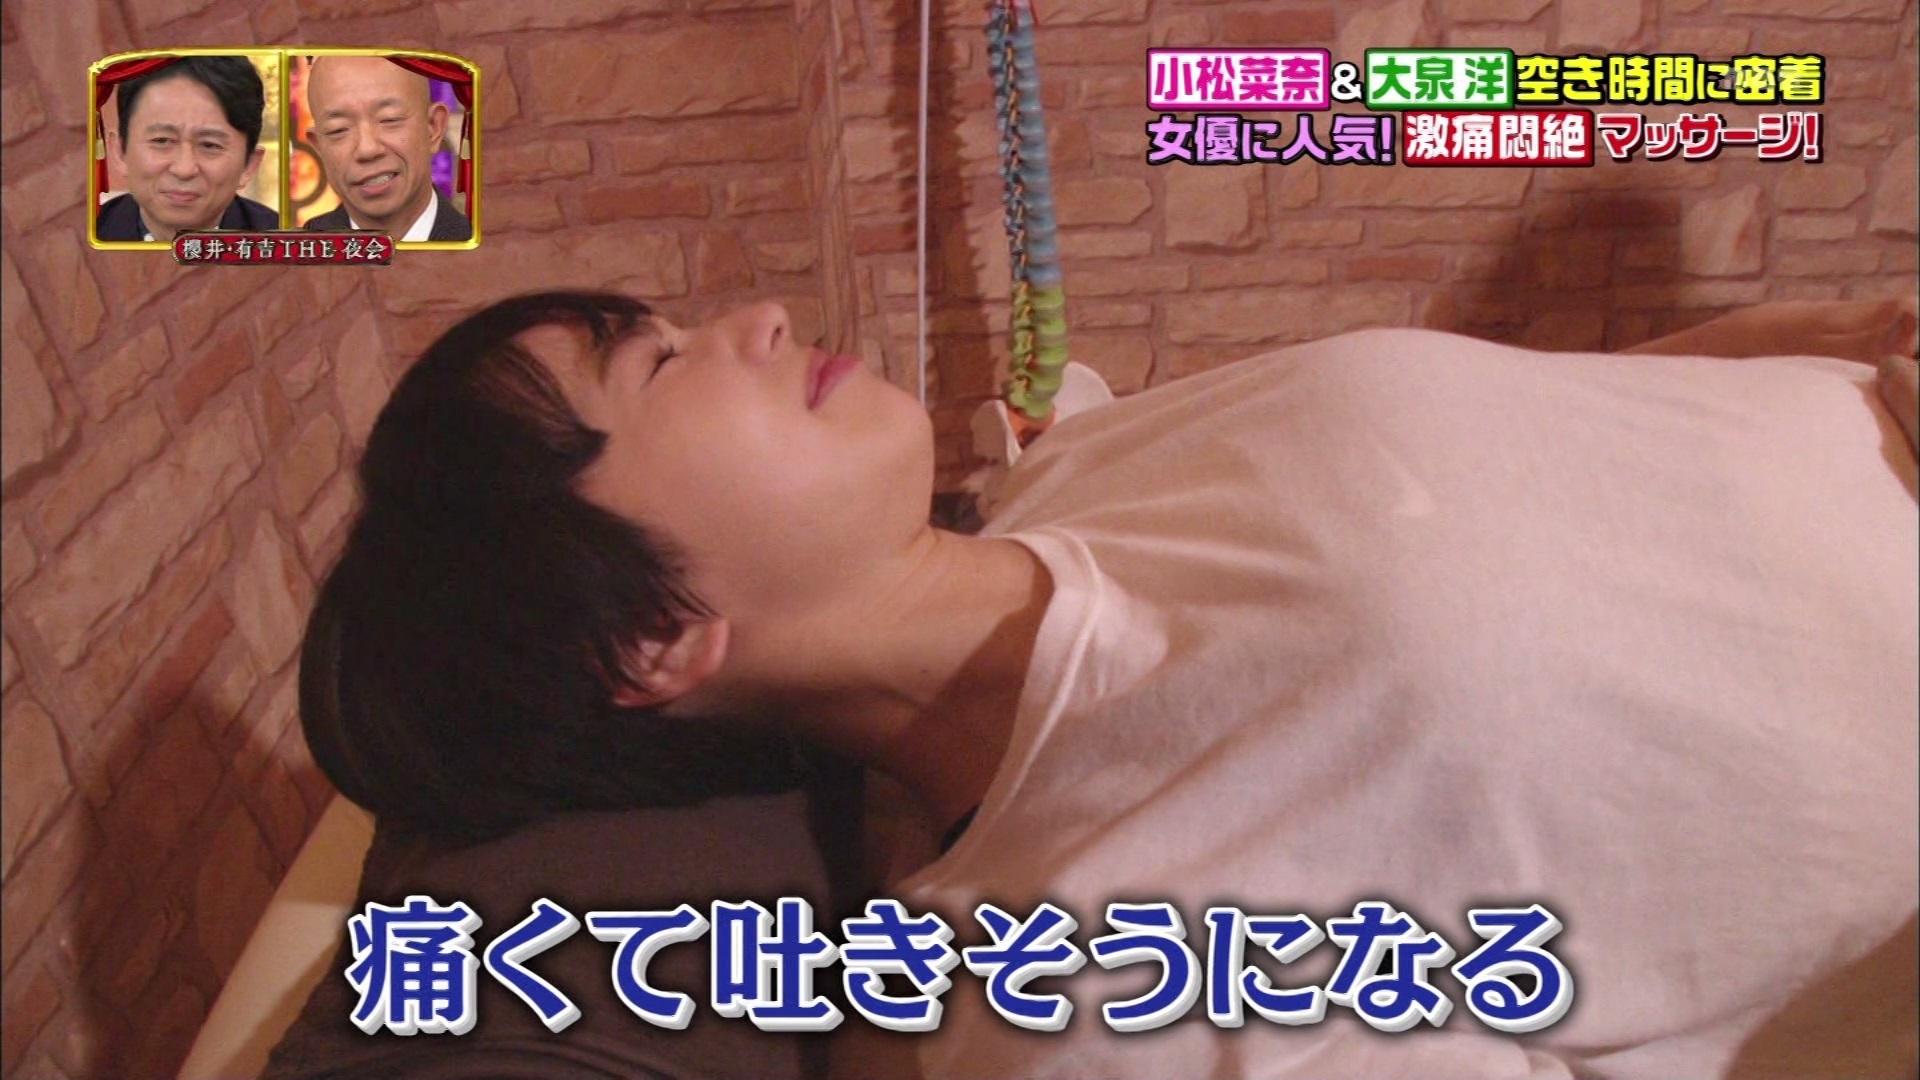 小松菜奈_マッサージ_テレビキャプ画像_09